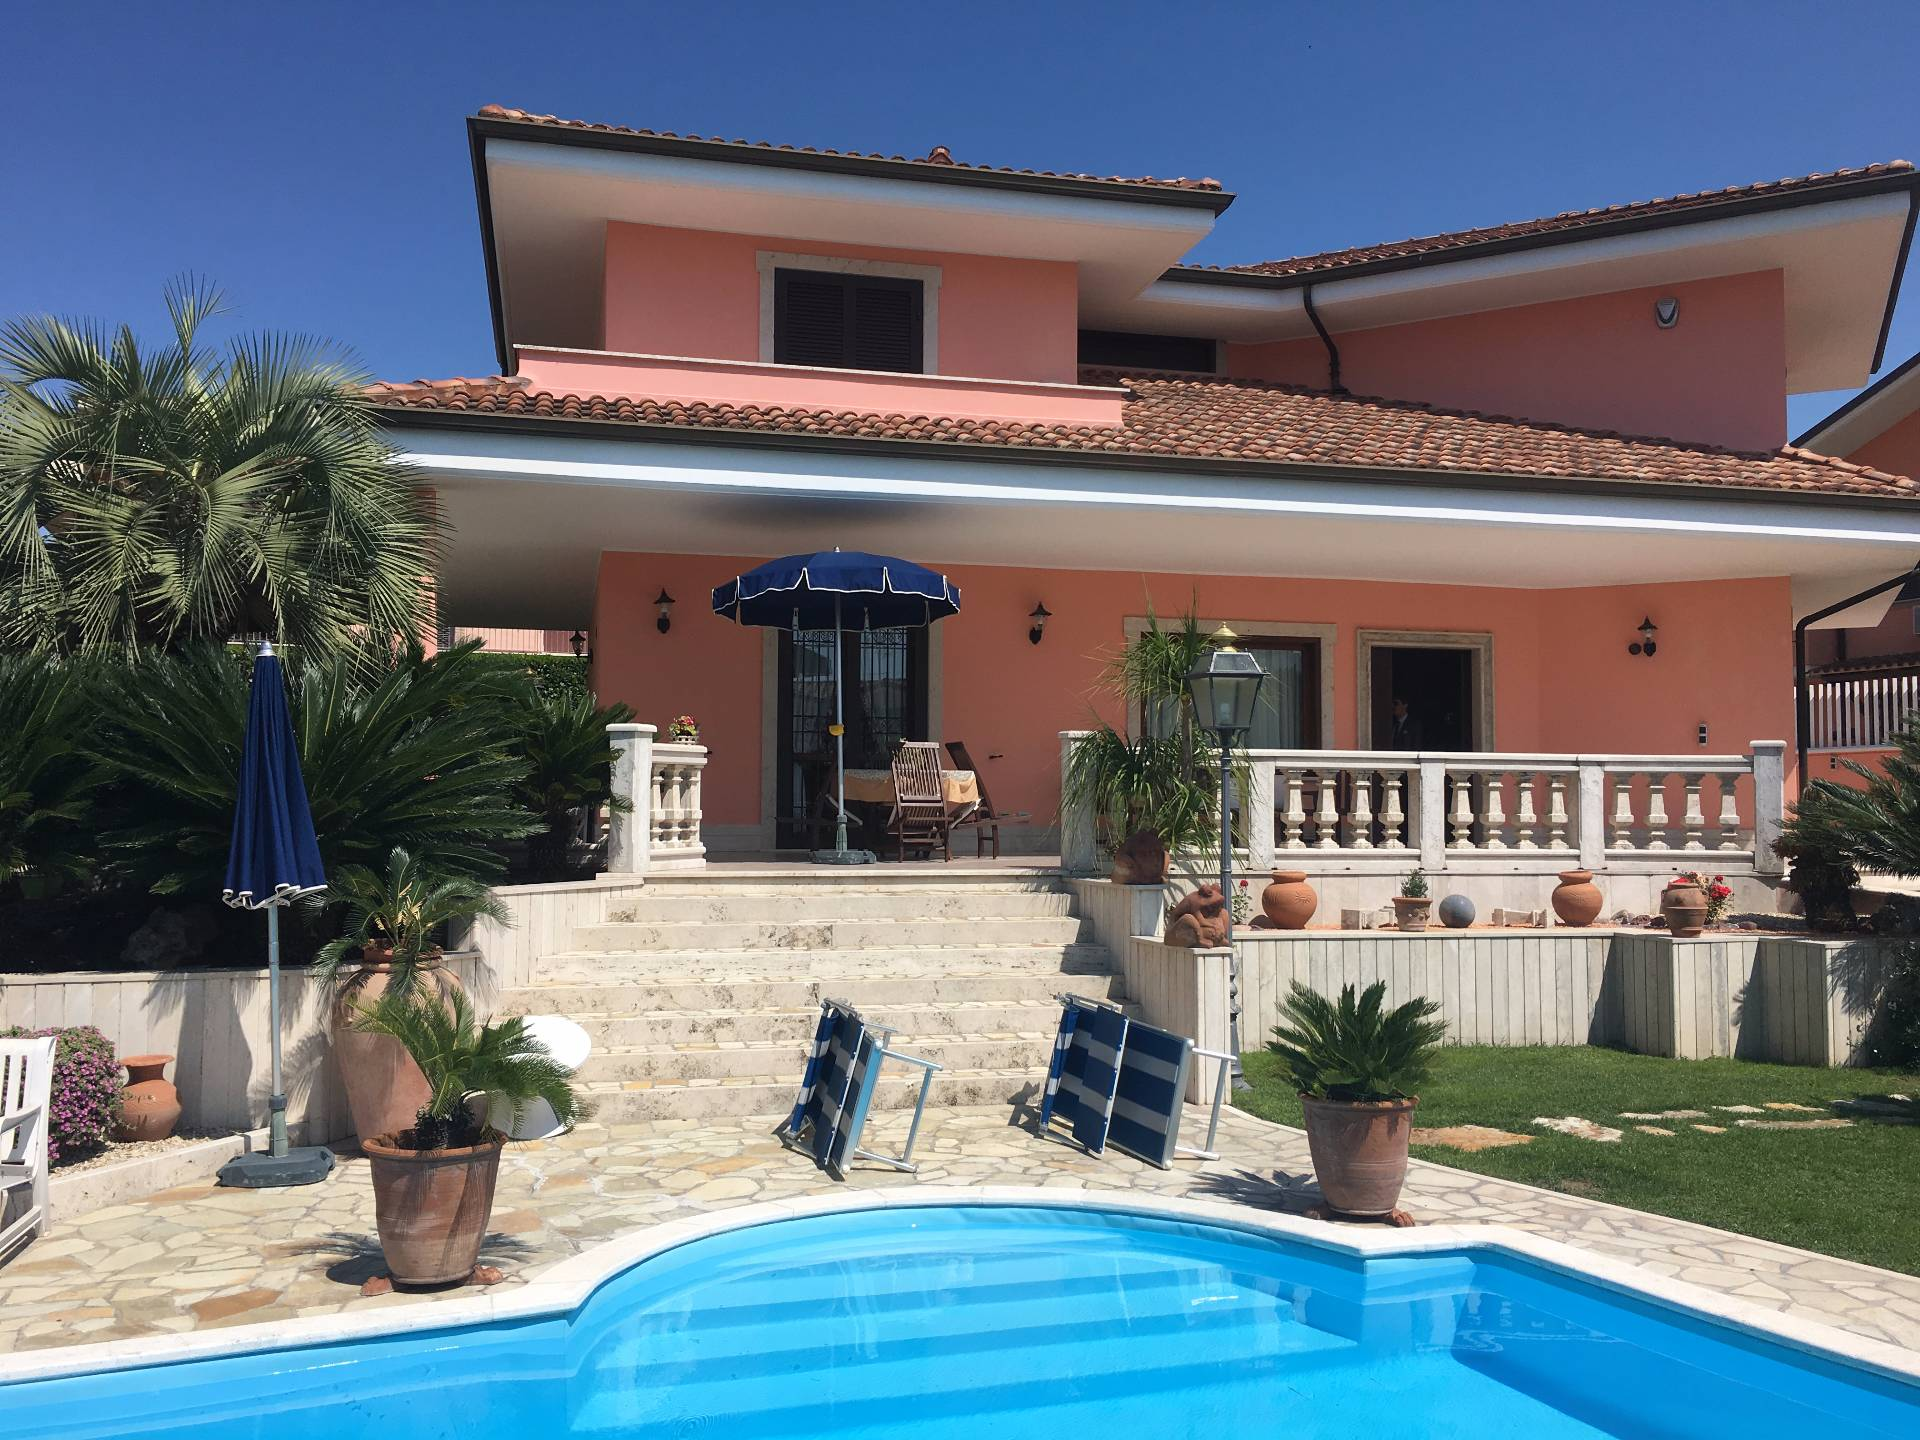 Villa in vendita a Fonte Nuova, 9 locali, zona Località: TorLupara, Trattative riservate | CambioCasa.it